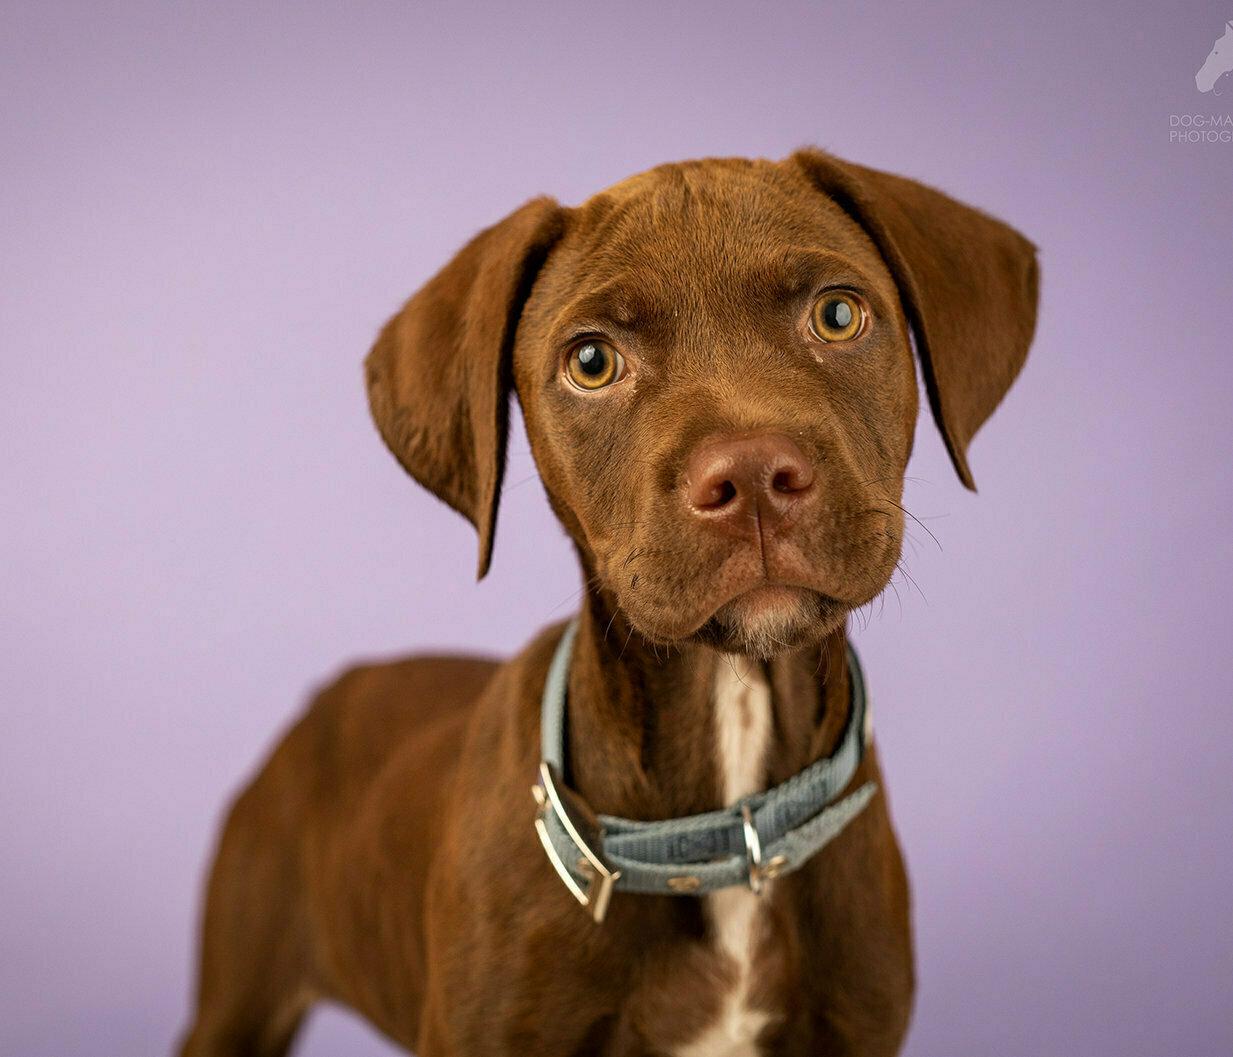 הסבר וטרינר על חרדת נטישה אצל כלבים